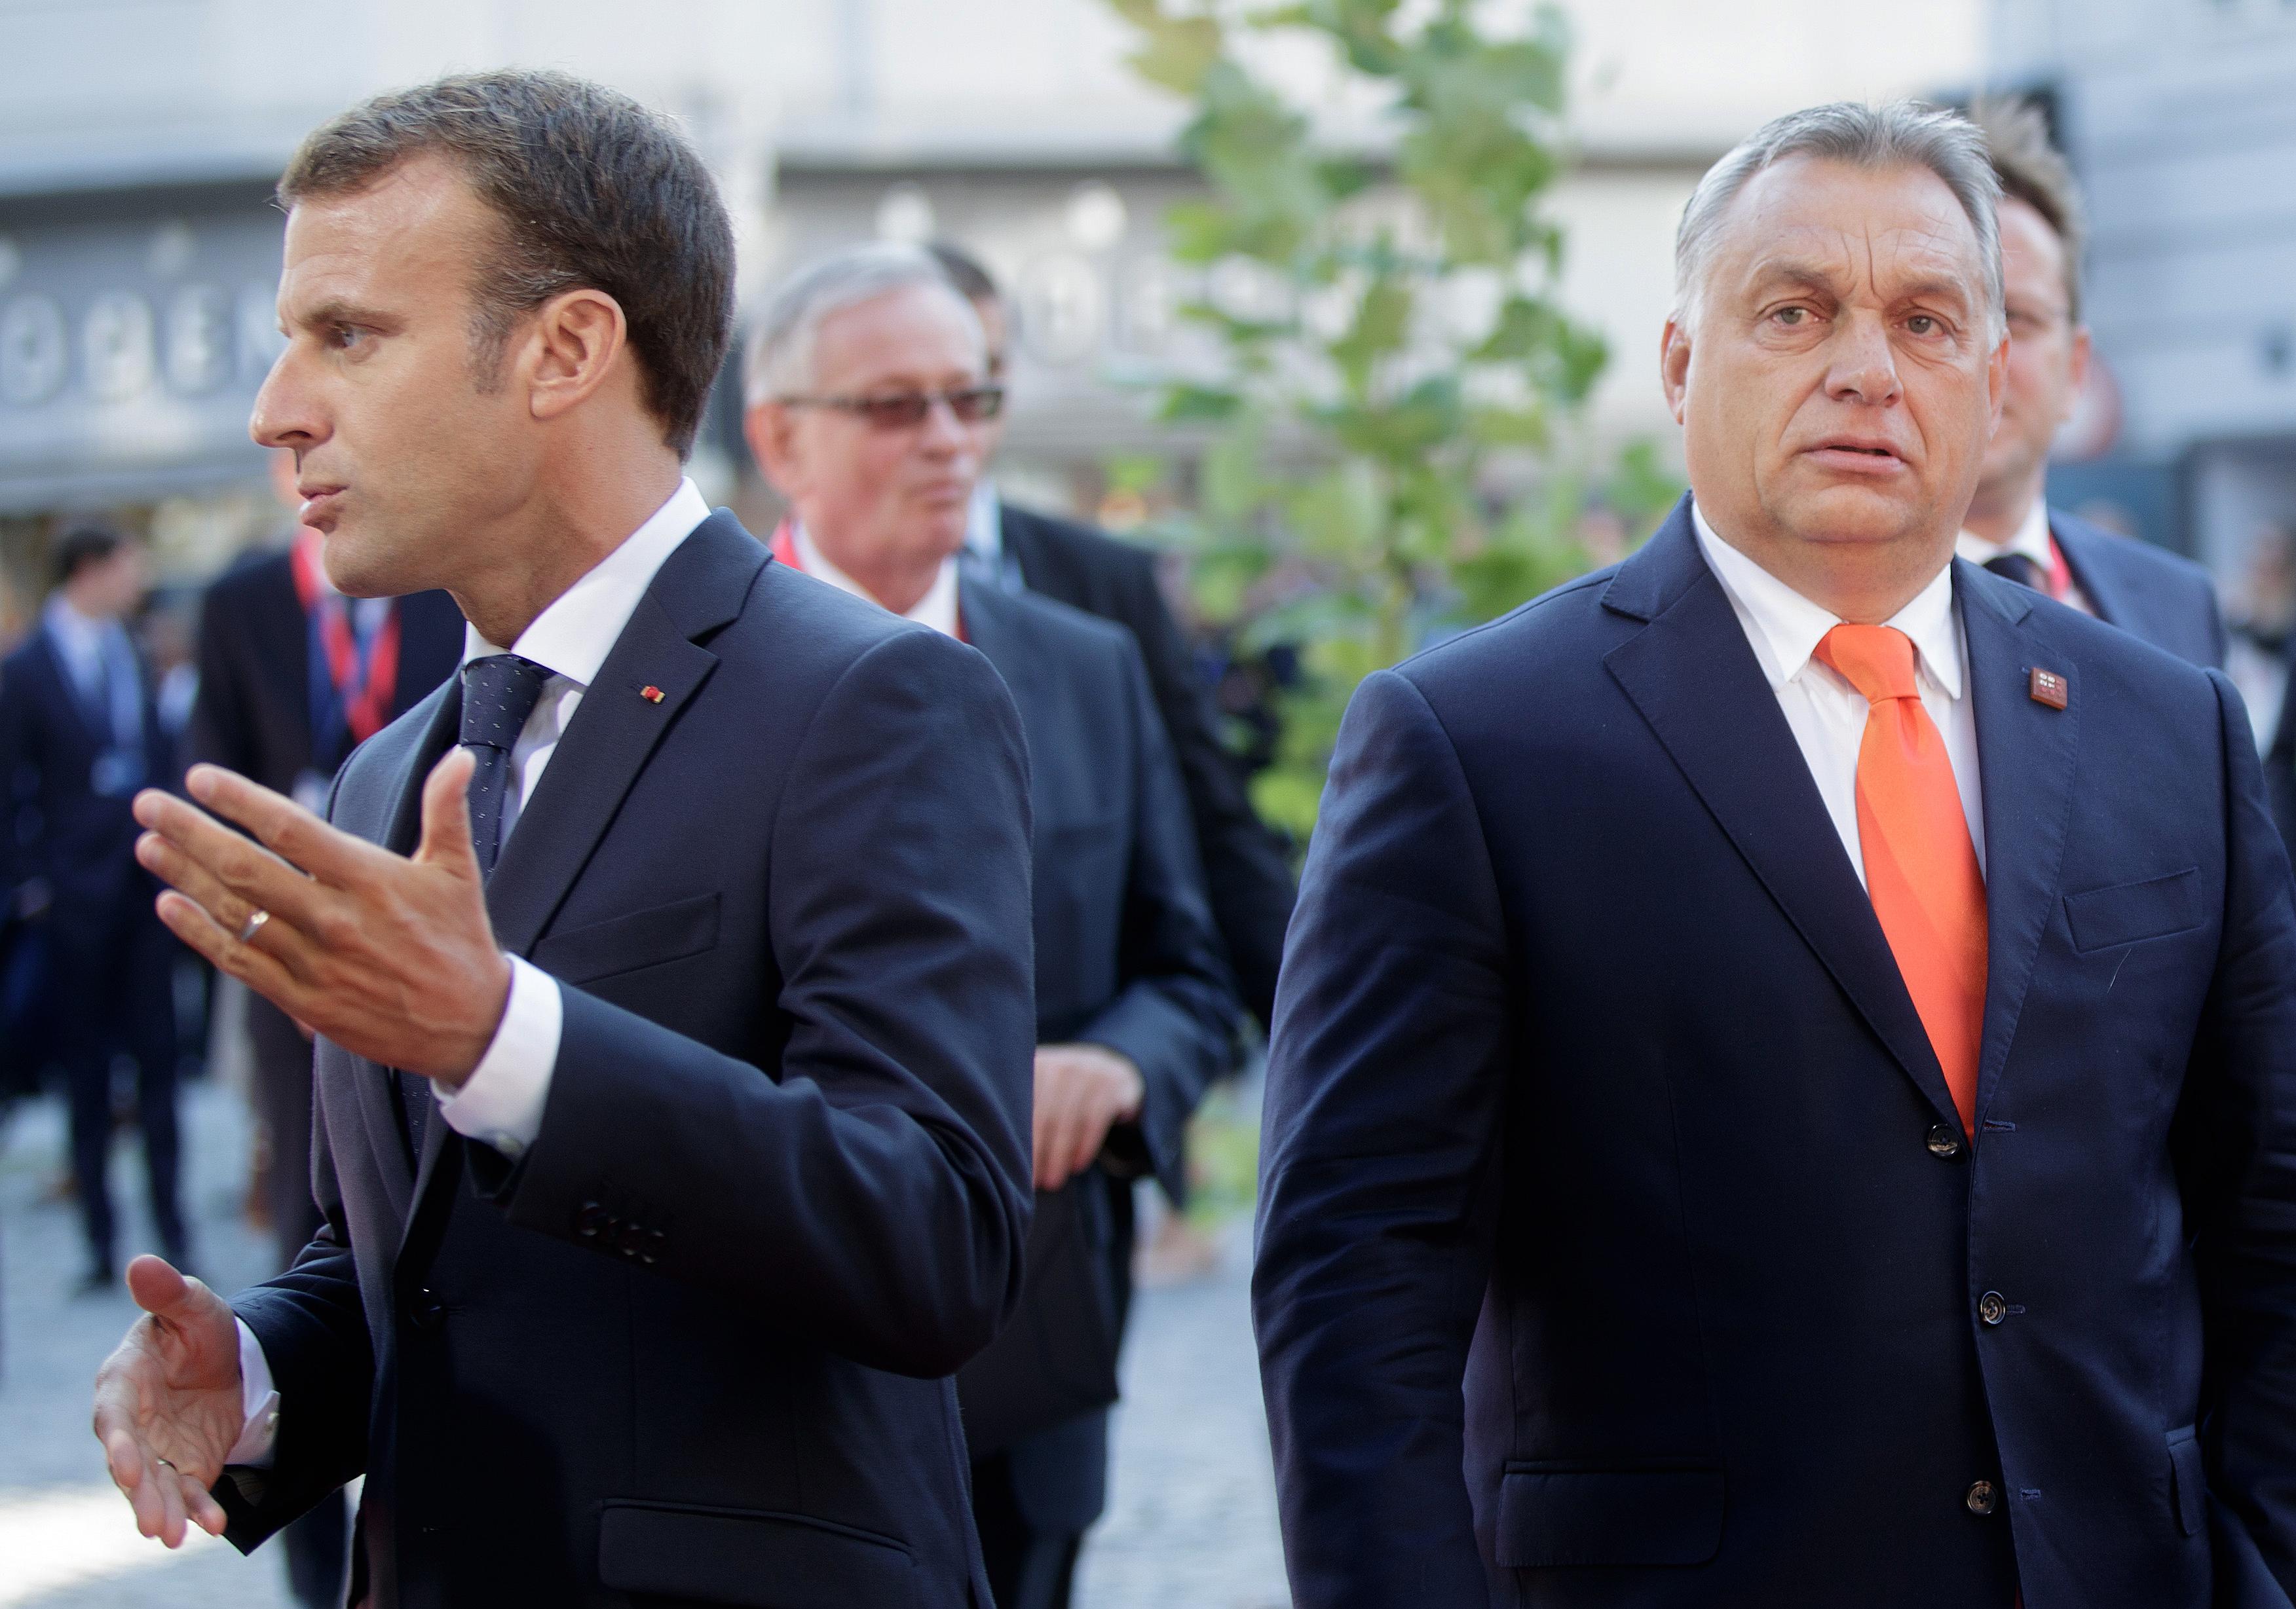 Macron szerint Magyarországnak el kell hagynia a schengeni övezetet, ha a kormány nem tartja be a szabályokat